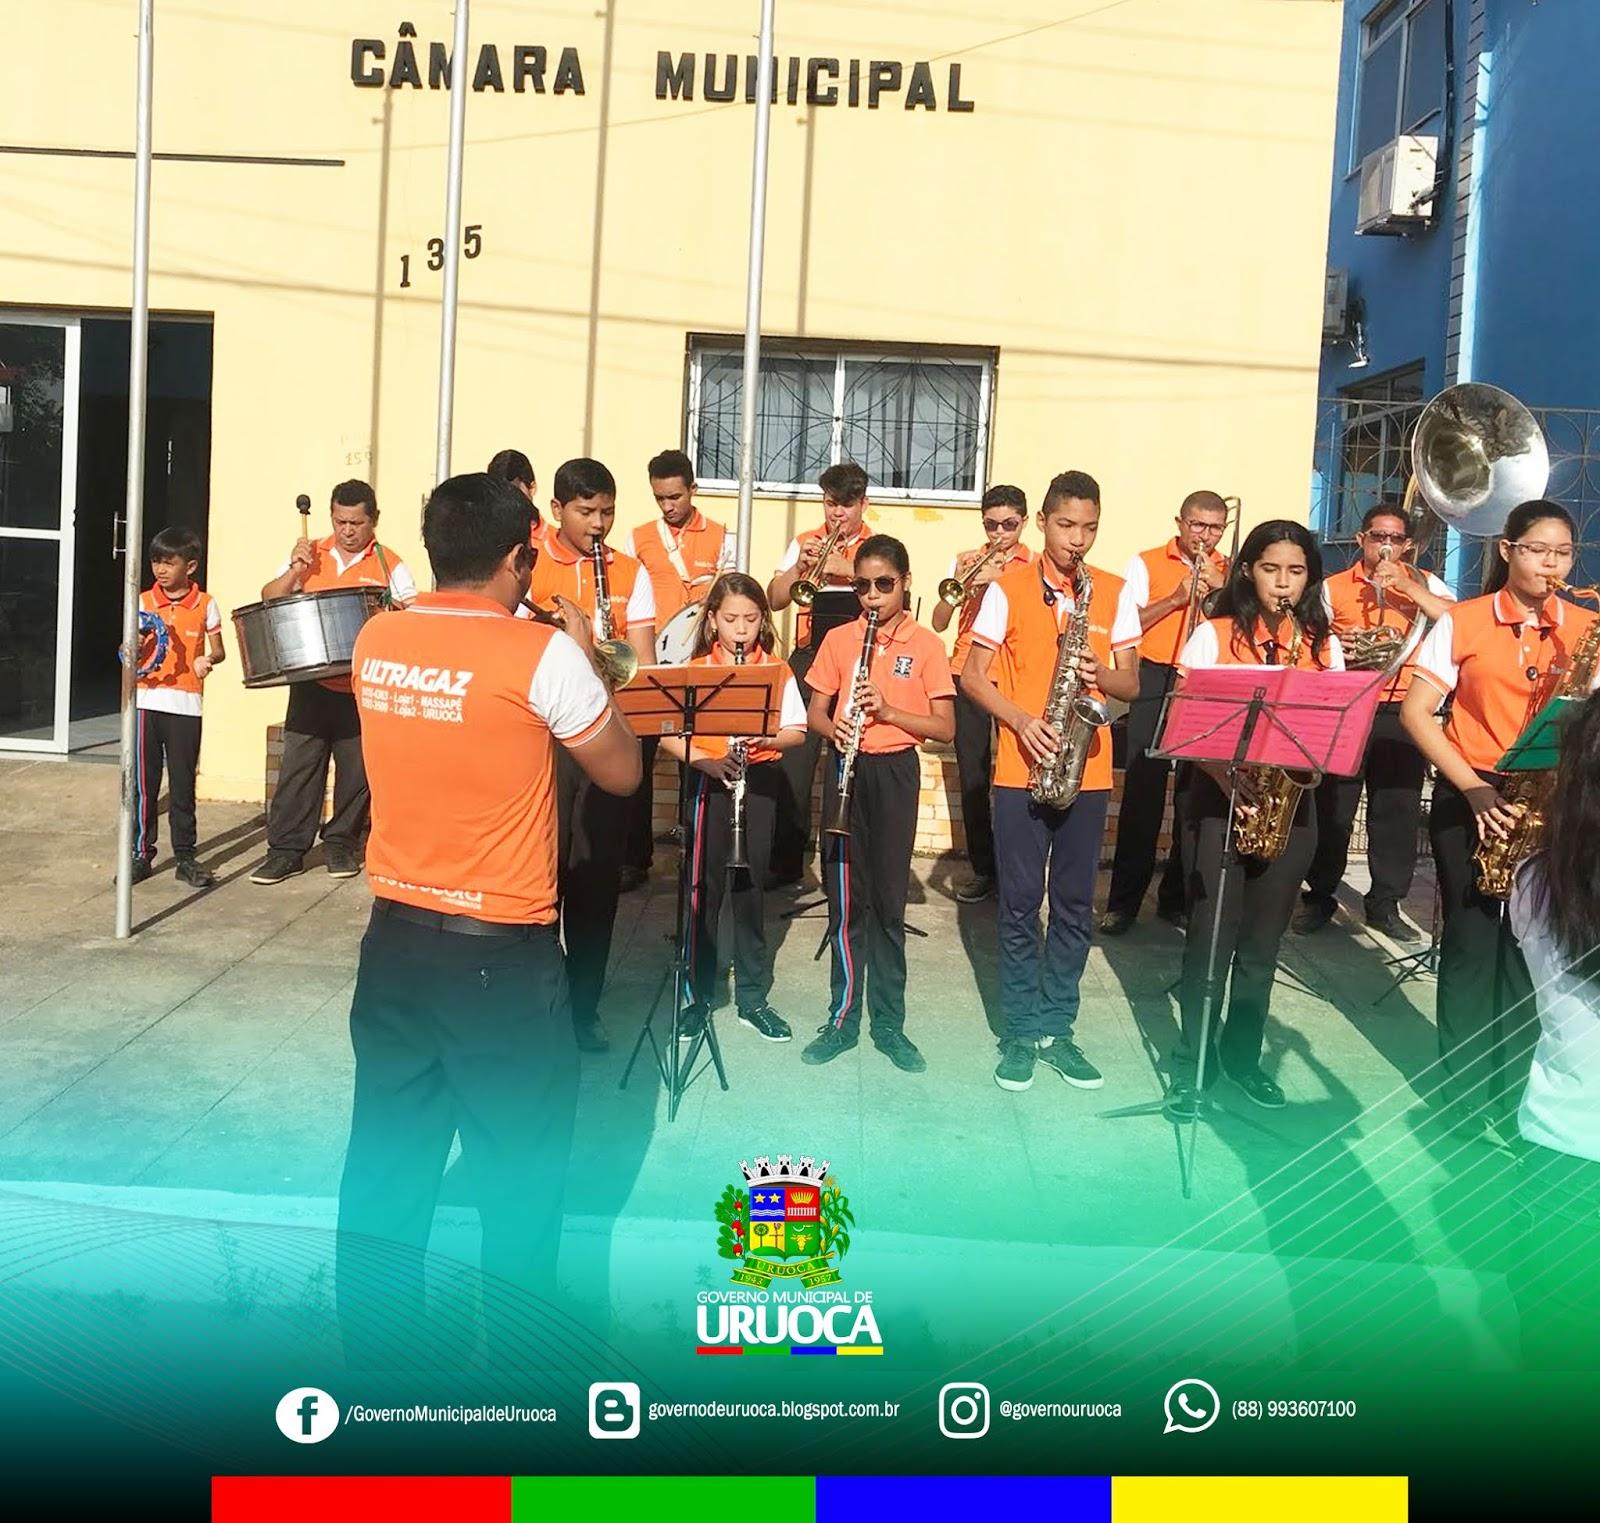 20 A 24 DE AGOSTO: ABERTURA DA SEMANA NACIONAL DA PESSOA COM DEFICIÊNCIA INTELECTUAL E MÚLTIPLA EM URUOCA